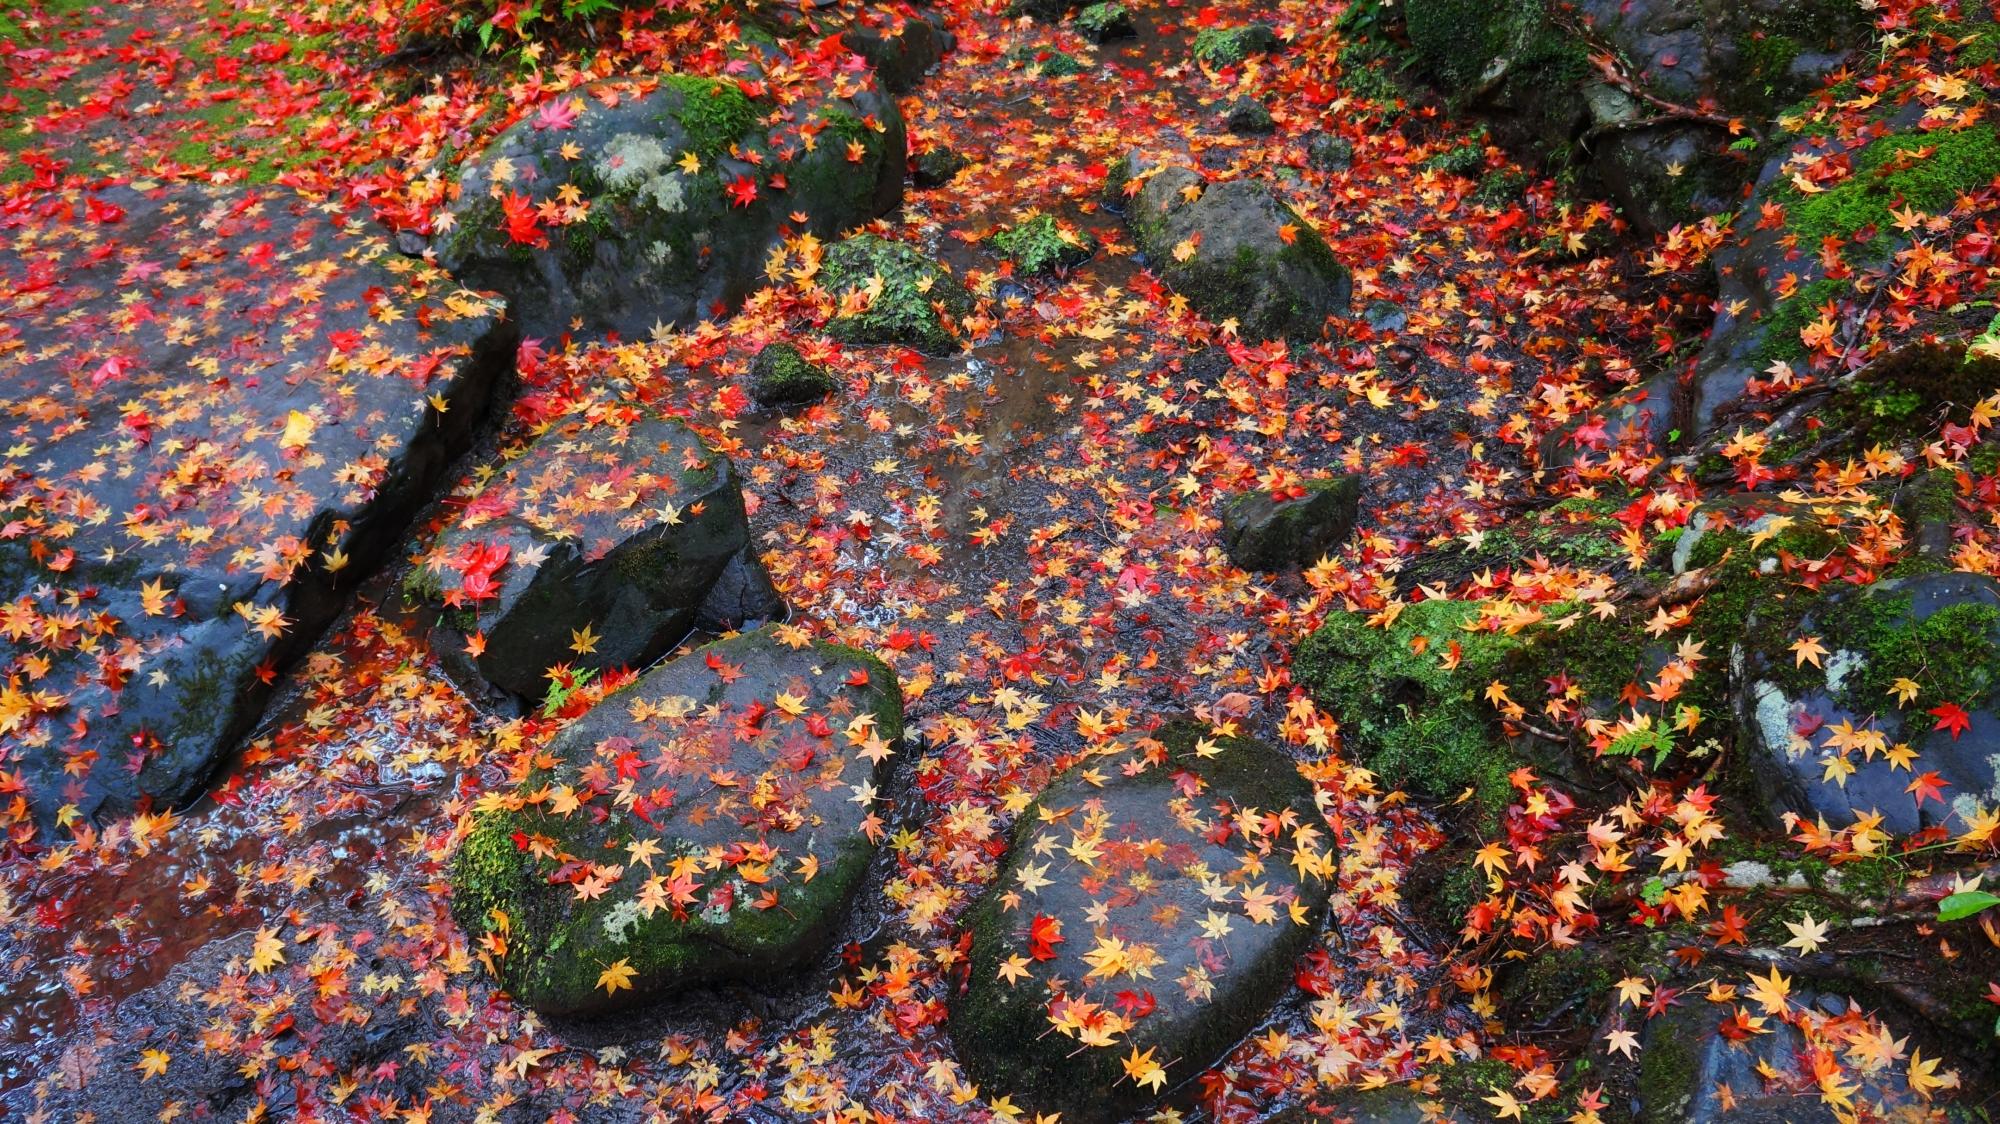 栖賢寺の散り紅葉の絶景